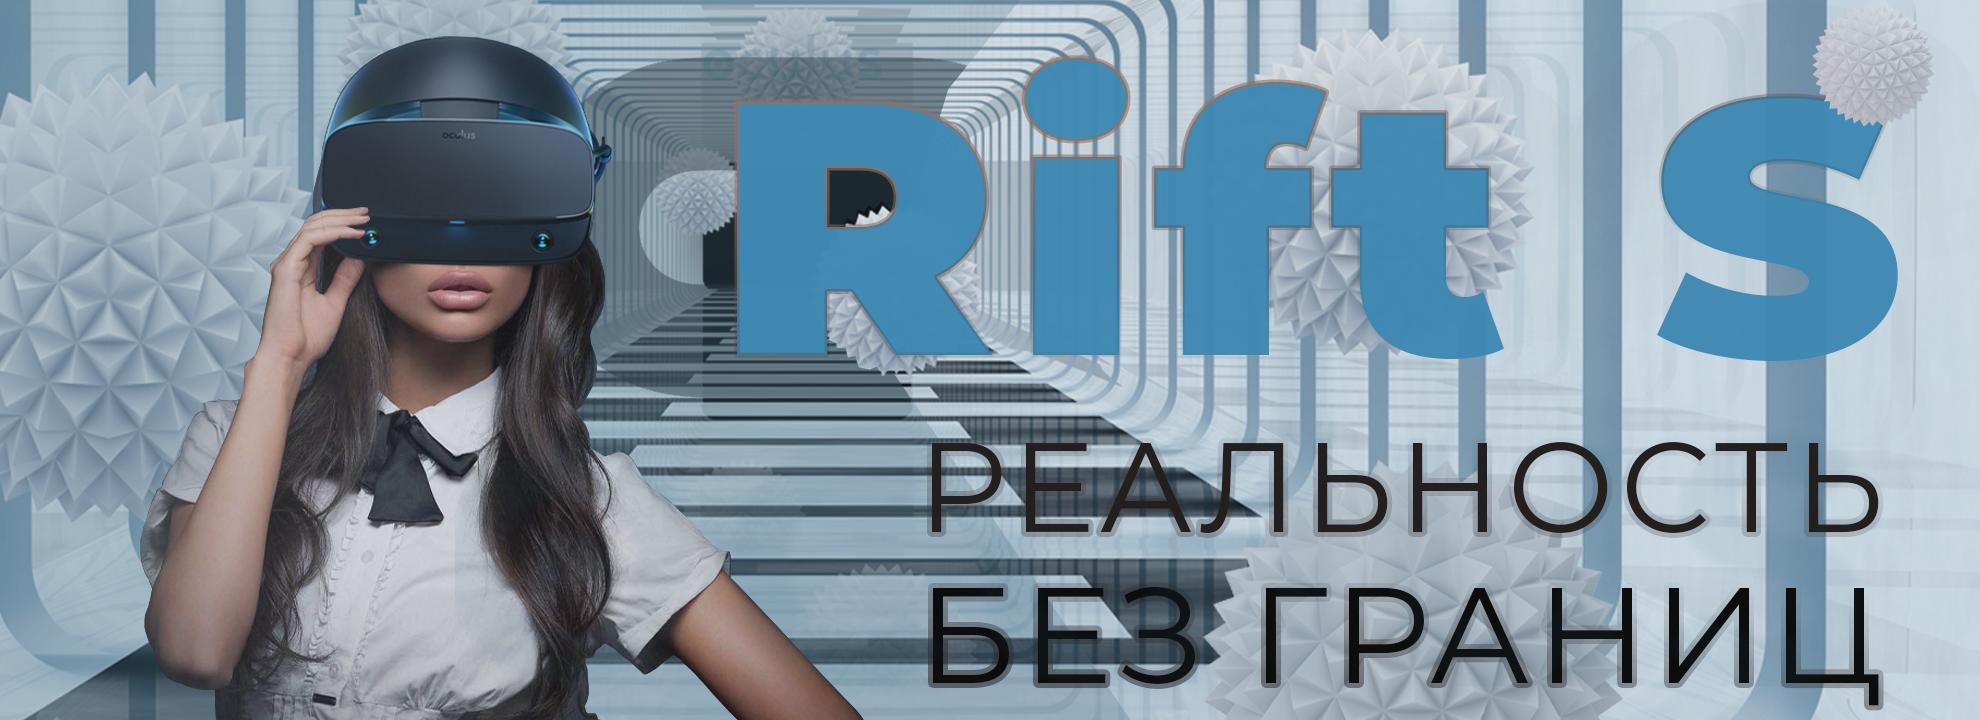 Rift-S